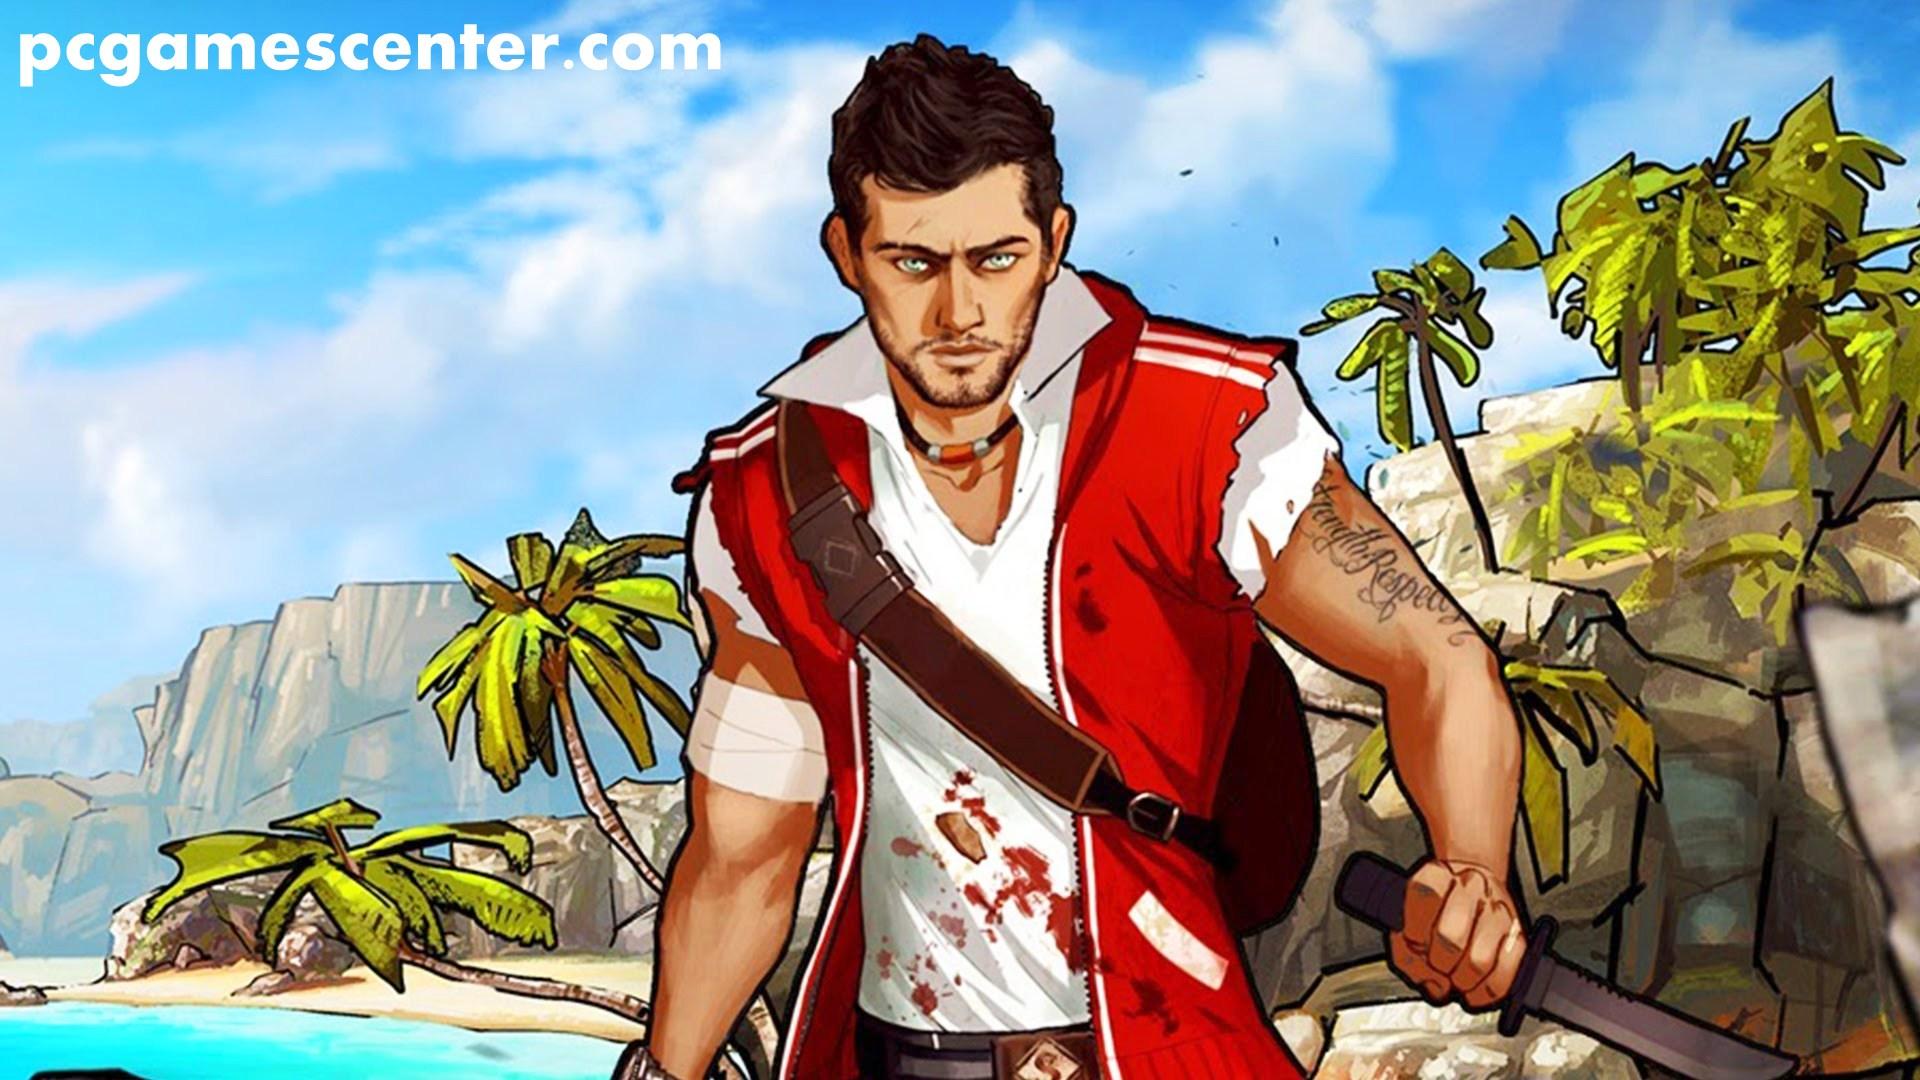 Escape Dead Island Pc Game 2014 Free Download